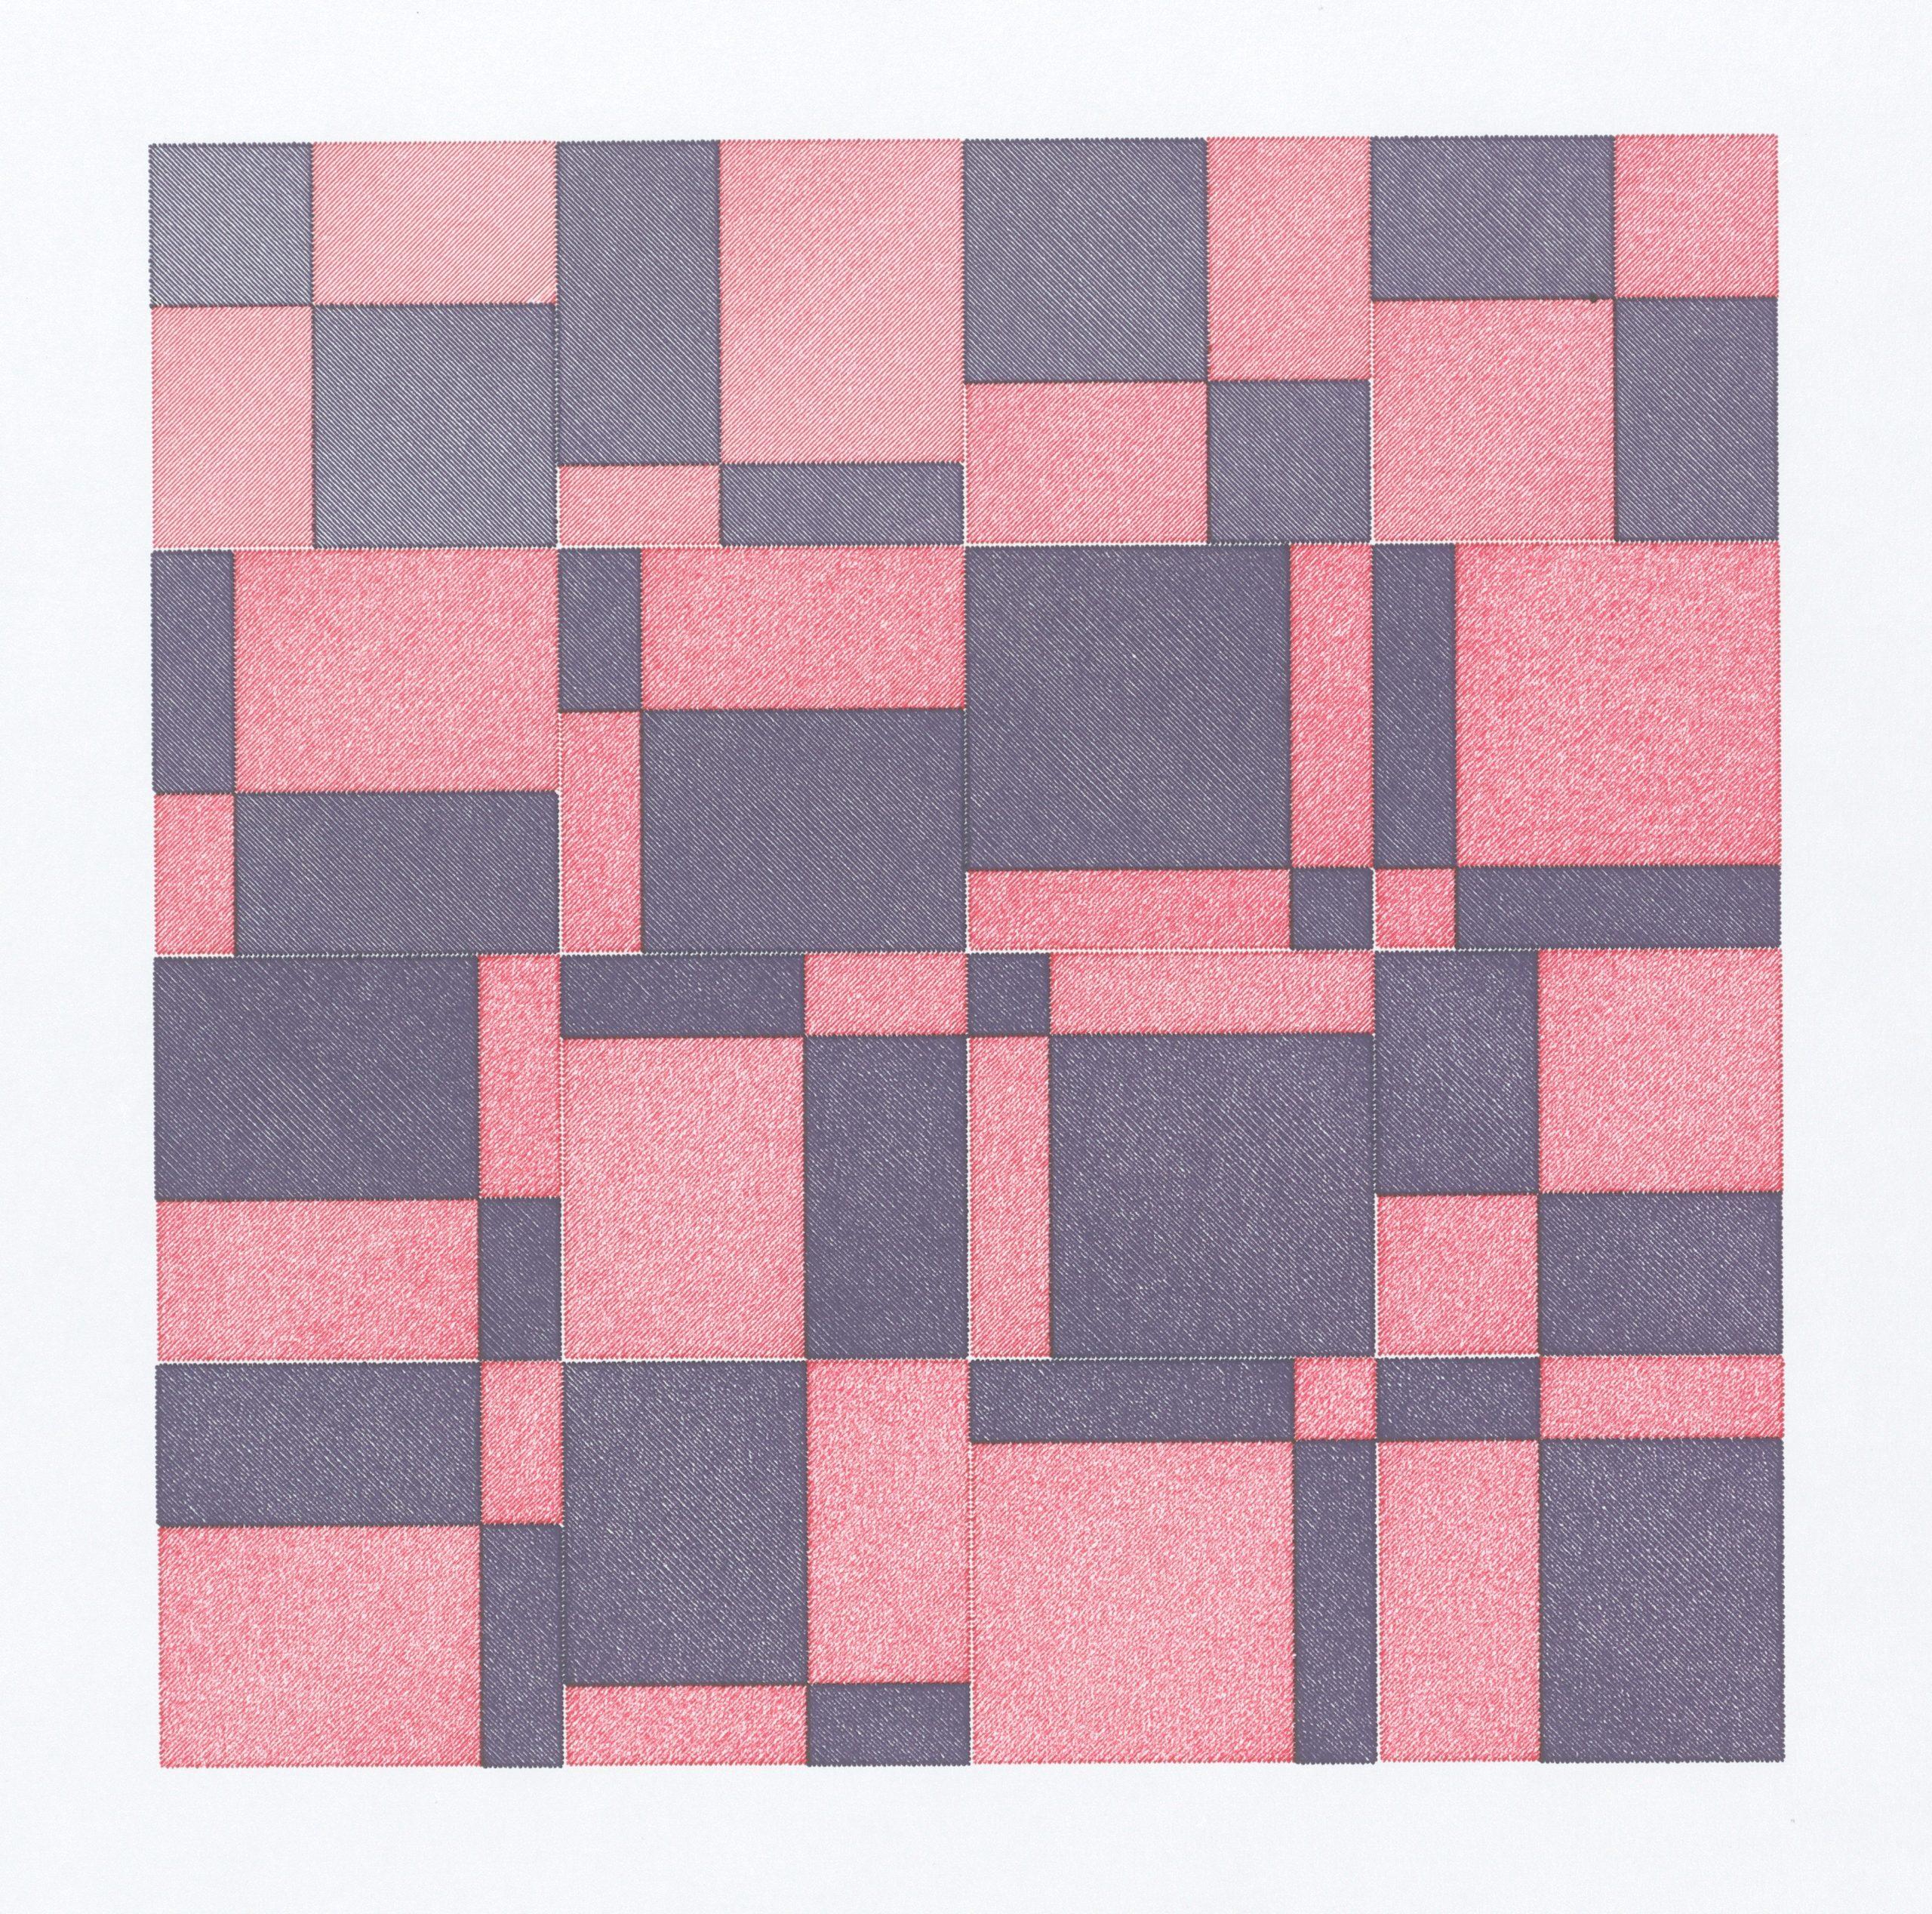 Peter Beyls, Untitled, Plotterzeichnung, Tinte auf Papier, 30 x 30 cm, 2007